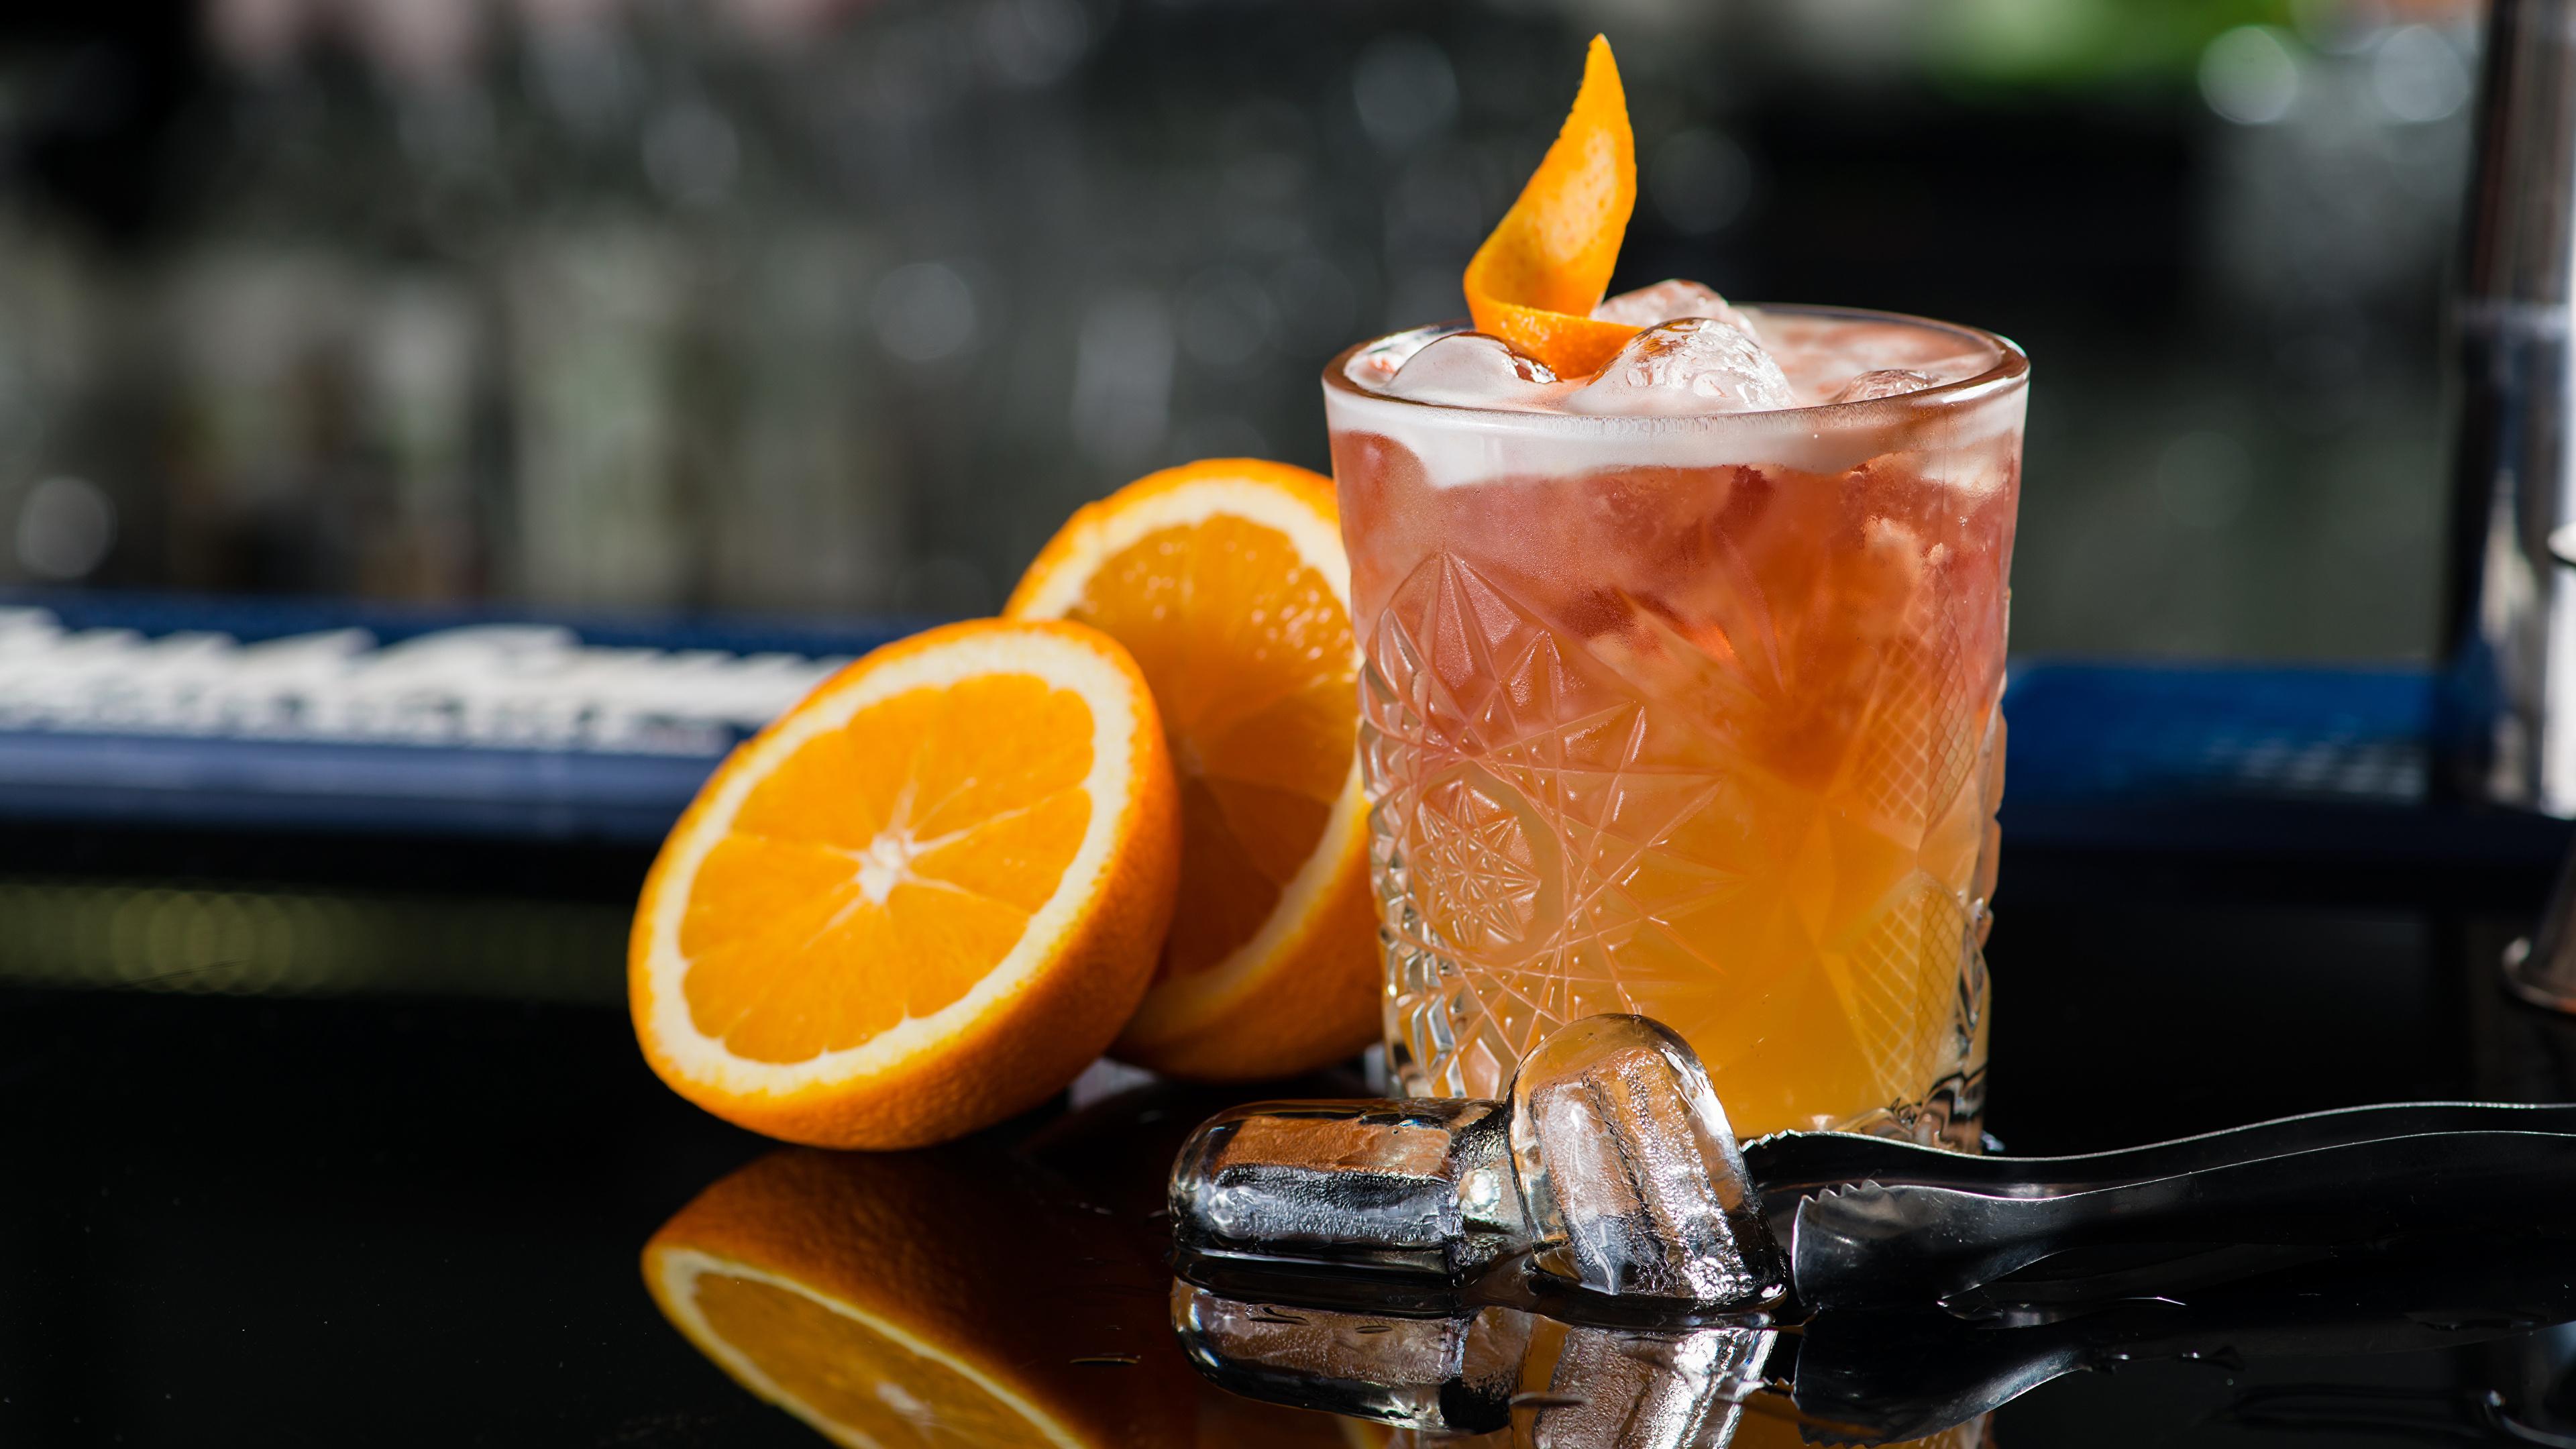 Обои Алкогольные напитки Лед Апельсин Стакан Коктейль Продукты питания 3840x2160 Еда Пища